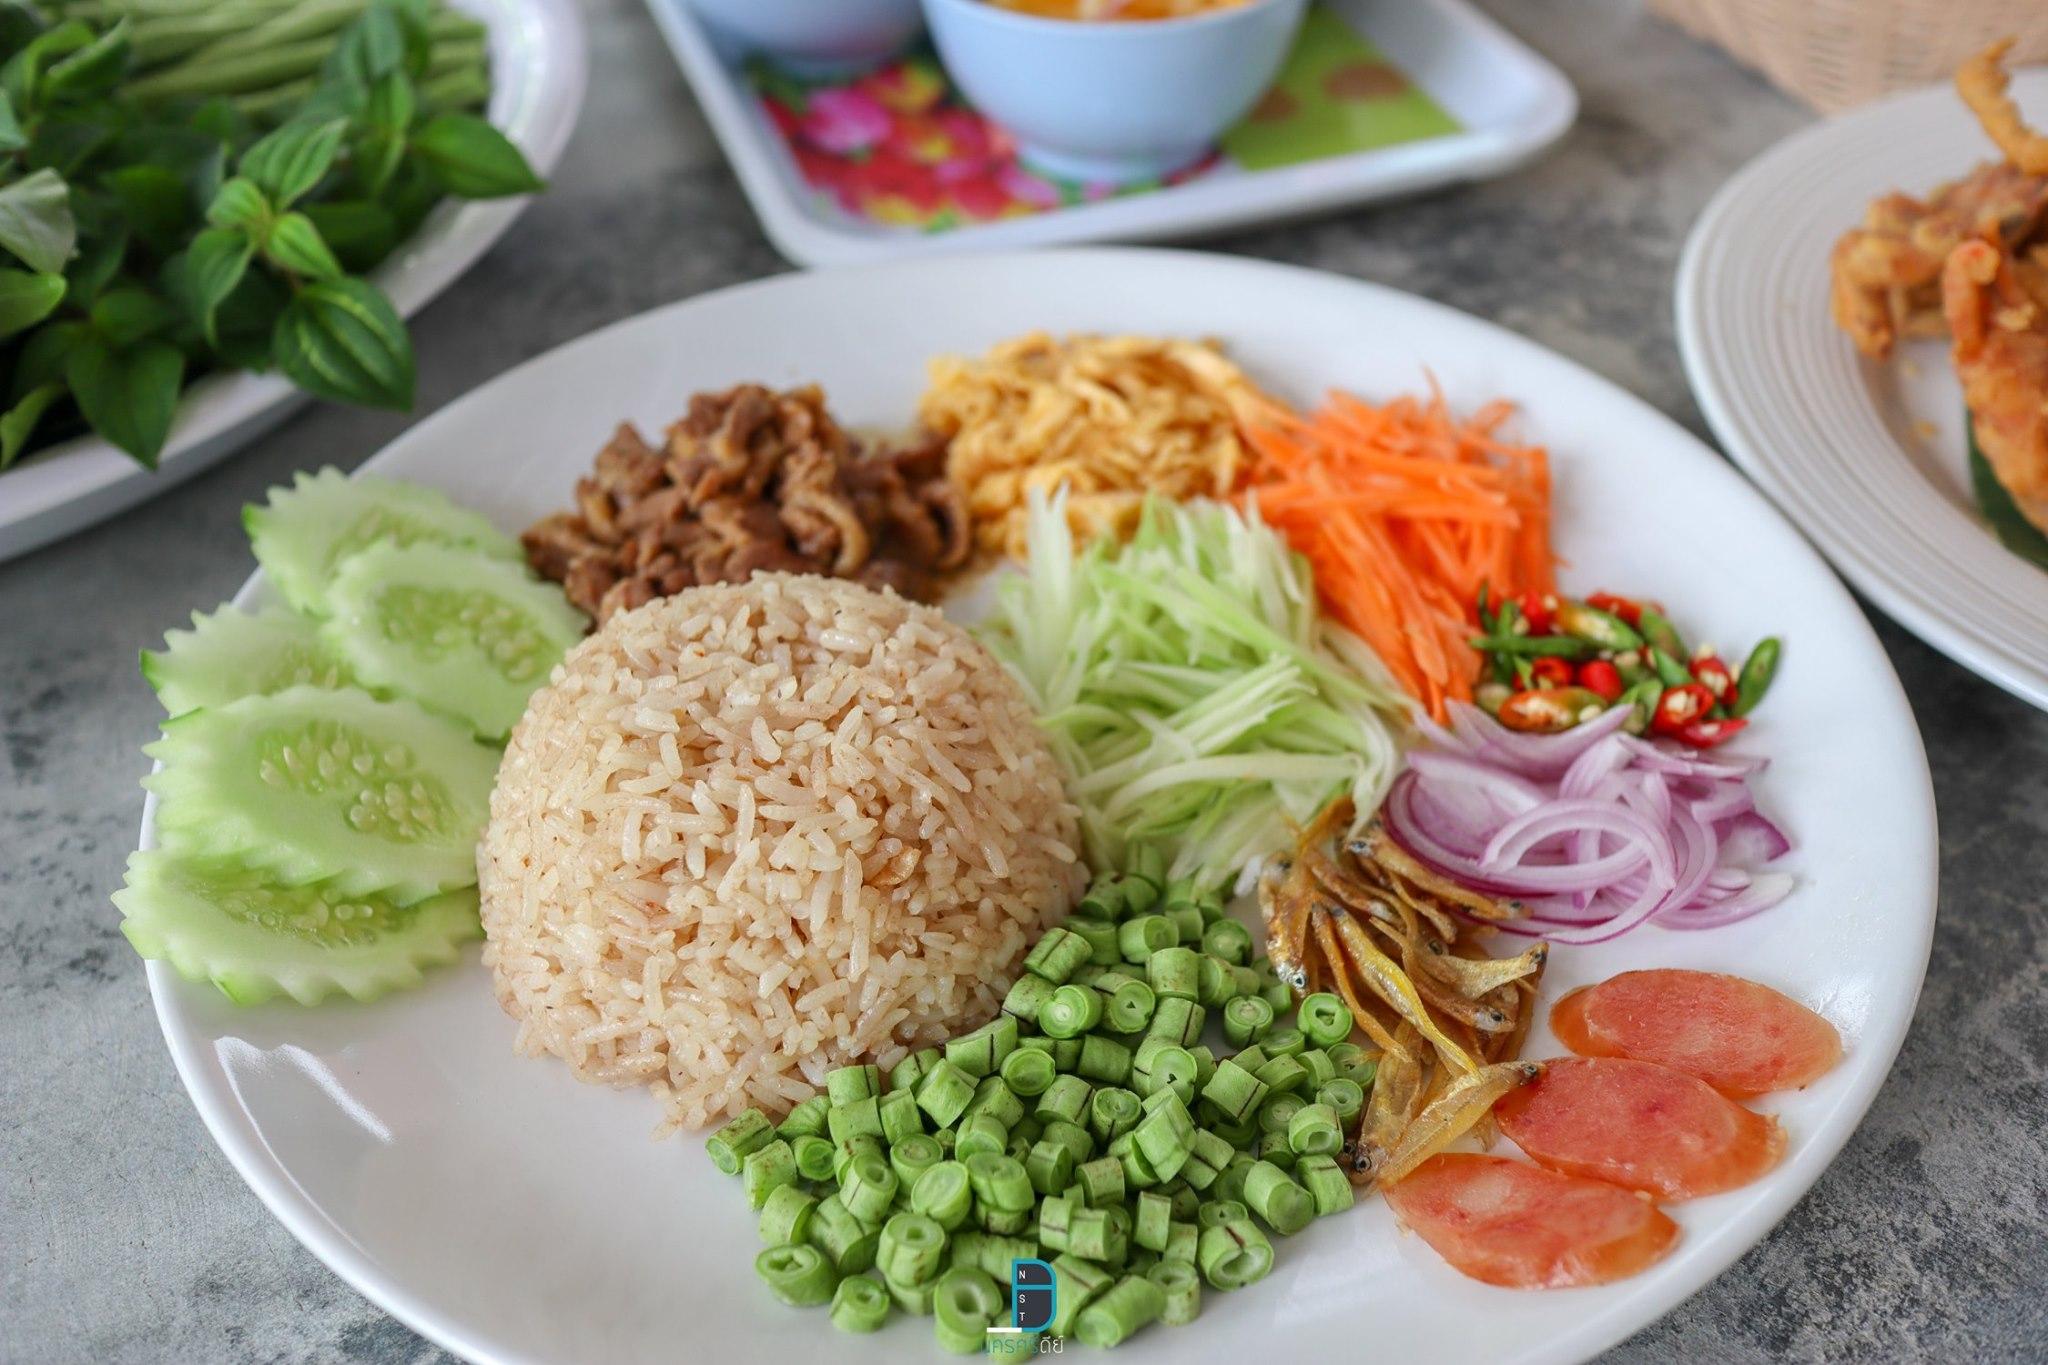 เมนูอื่นมากินกับขนมจีน--อ้วนแน่นอน-555-  ท่าศาลา,เที่ยวไหนดี,ของกิน,เที่ยว,จุดเช็คอิน,ร้านซีฟู๊ด